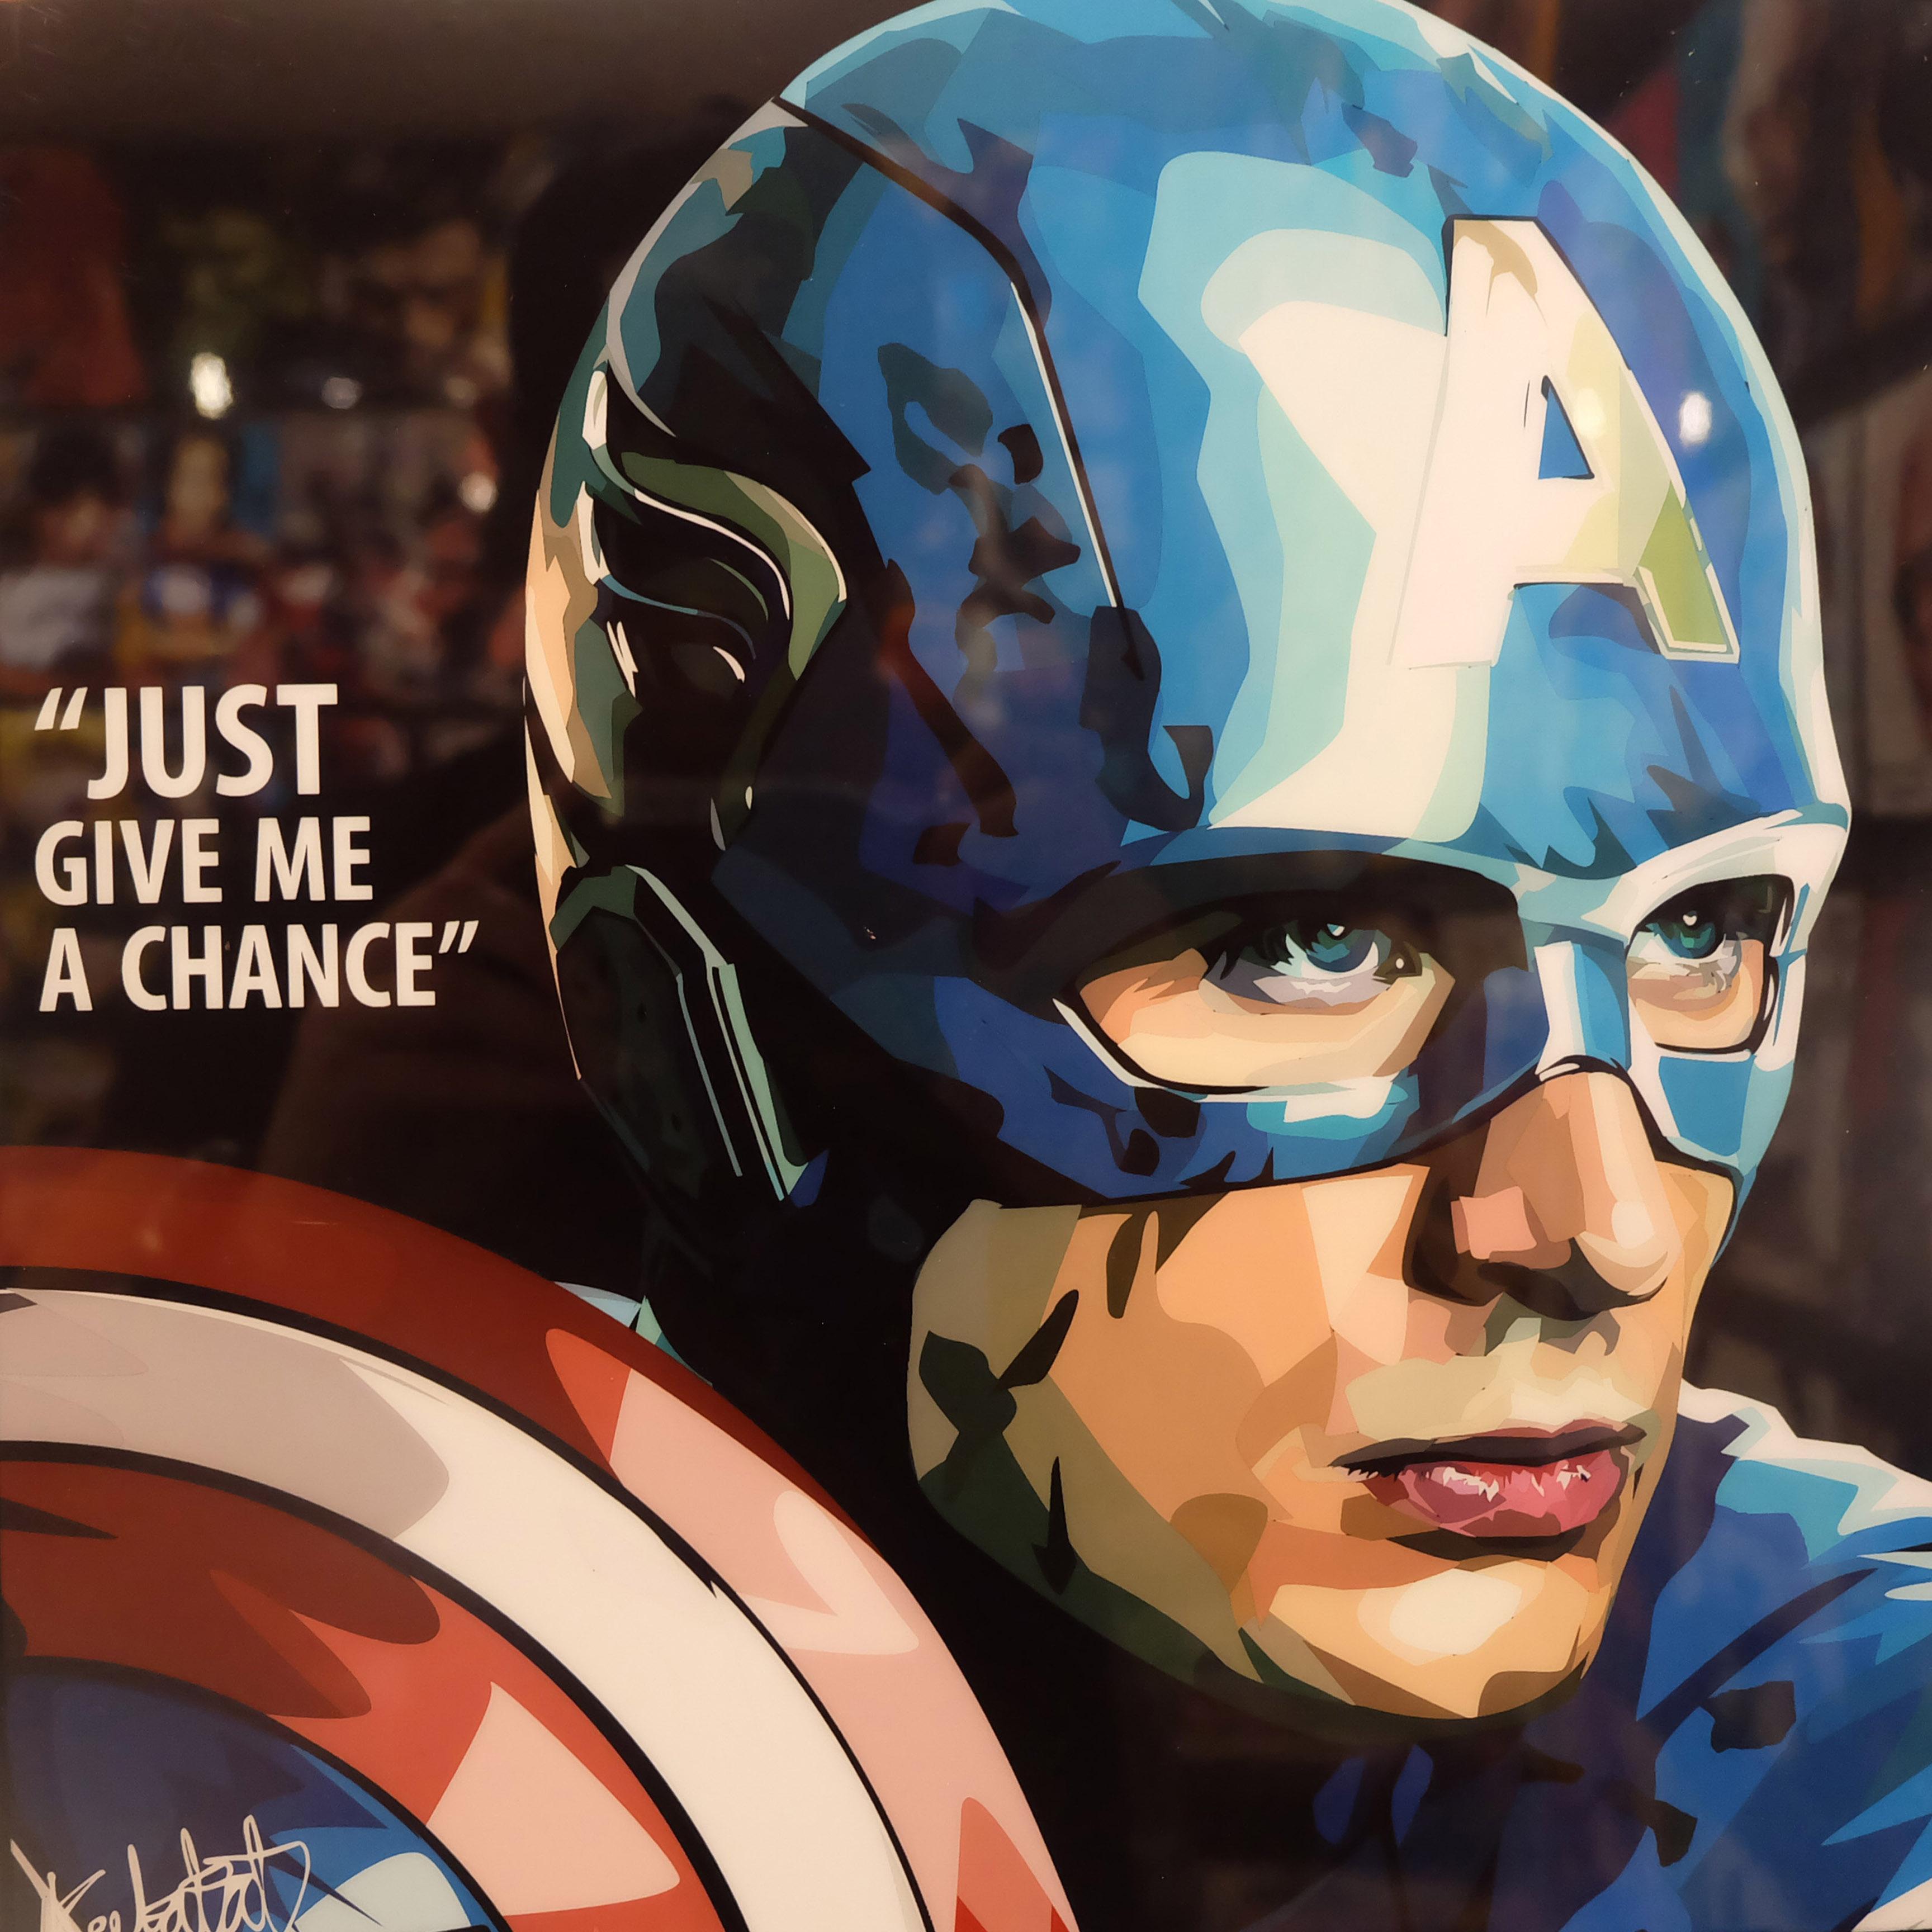 готовлю капитан америка постер в хорошем качестве стоимость